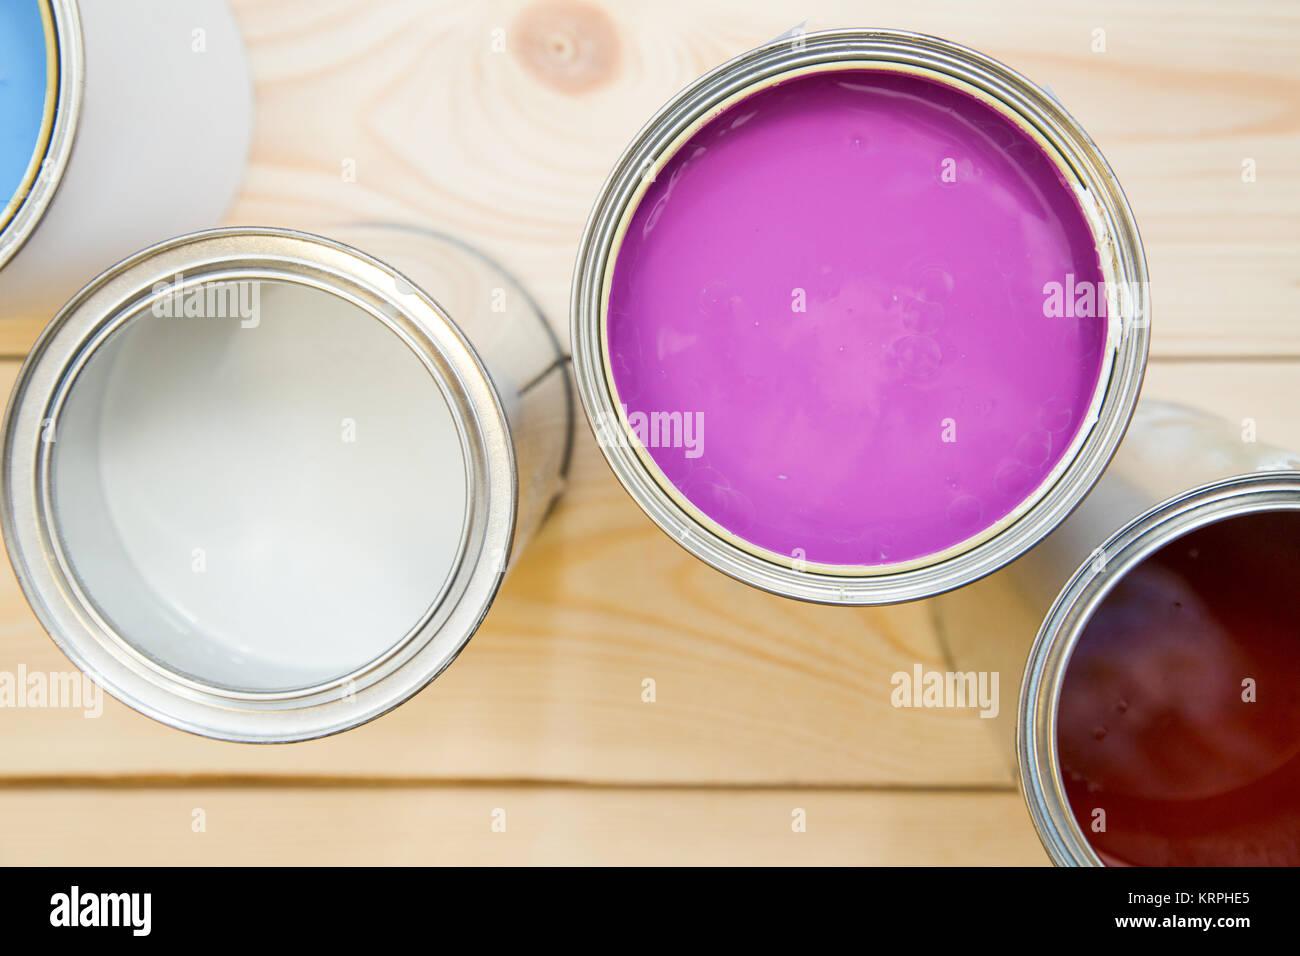 Malerei Neue Wohnung. Blechdosen Von Pink, Weiß Und Braun, Ölfarbe Auf Ein  Leichtes Weißes Holz  Hintergrund. Close Up. Ansicht Von Oben. Platz Für  Ihre Te